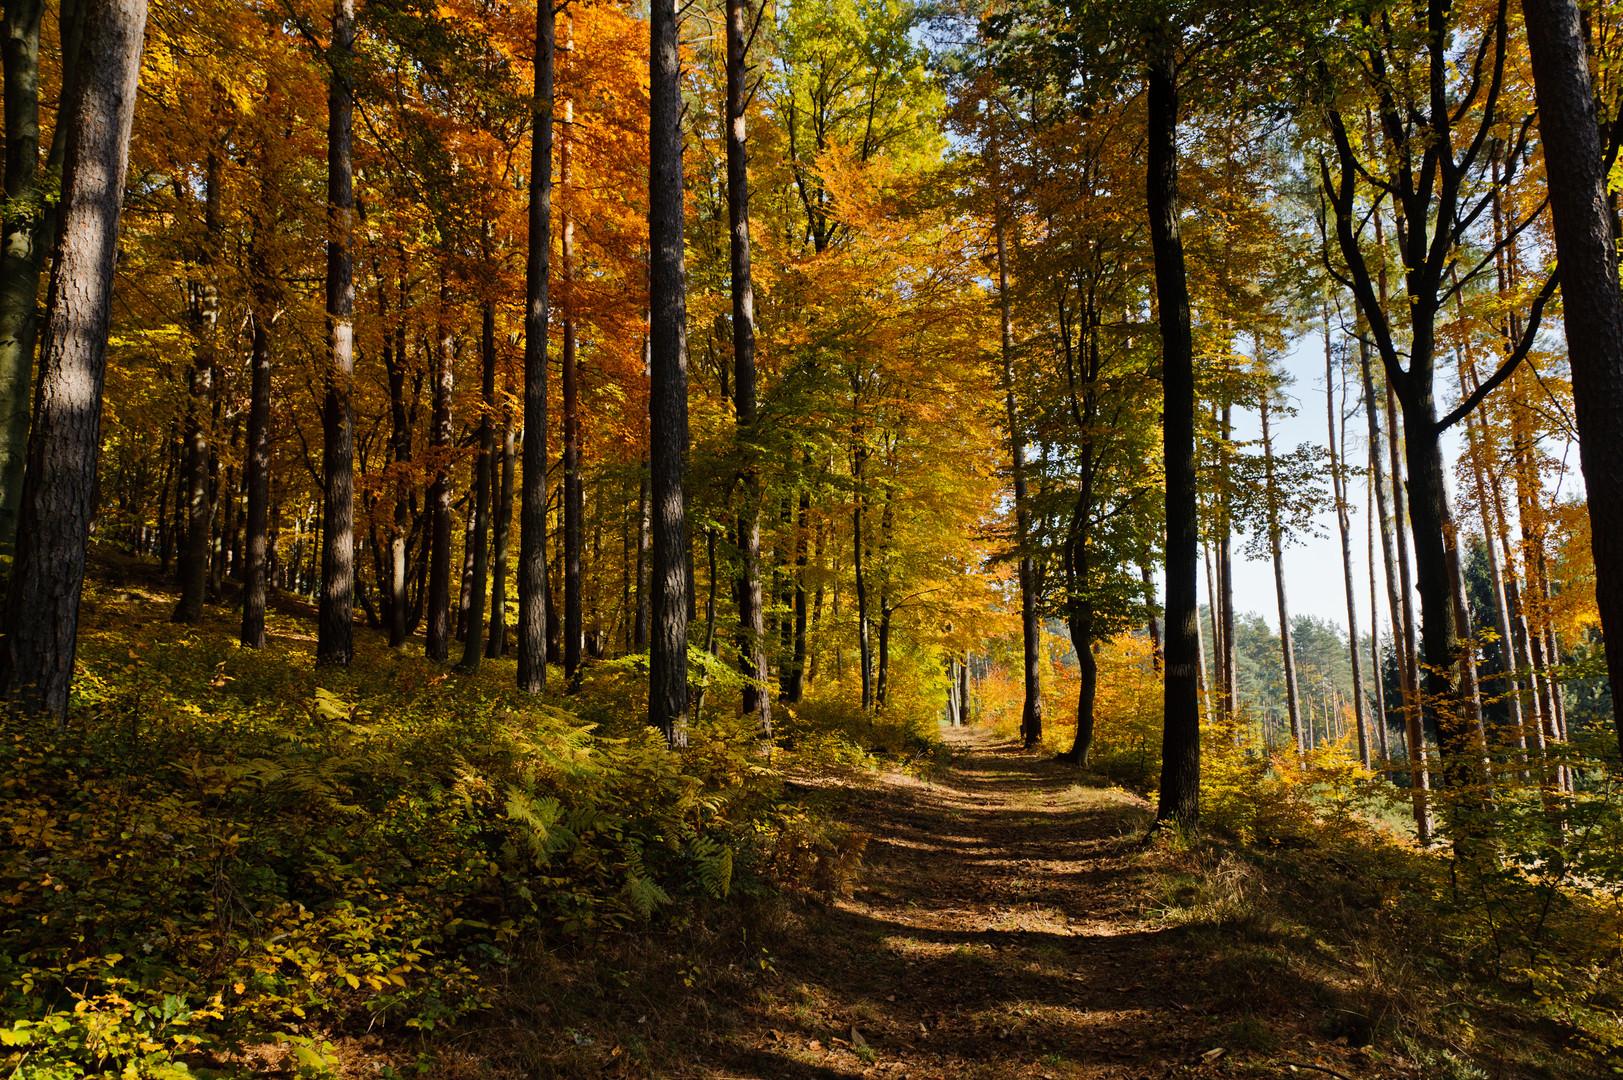 Herbst #2